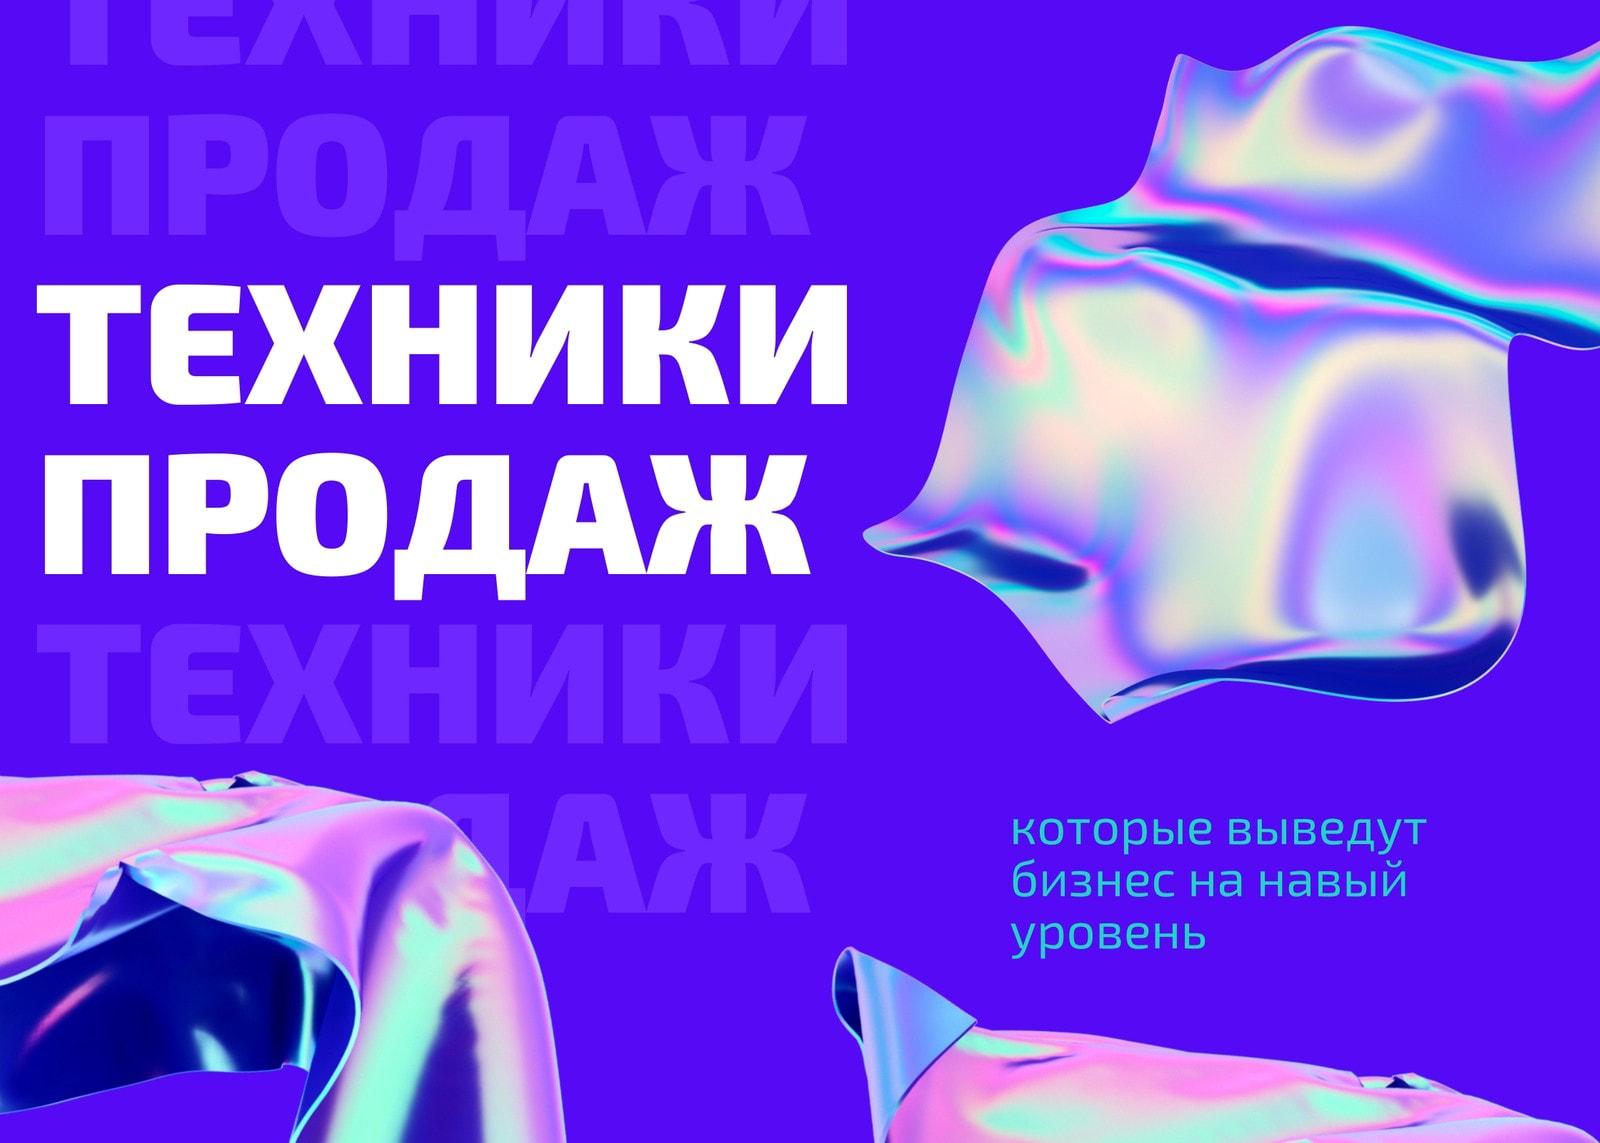 Фиолетовая публикация в ВК с градиентными иллюстрациями